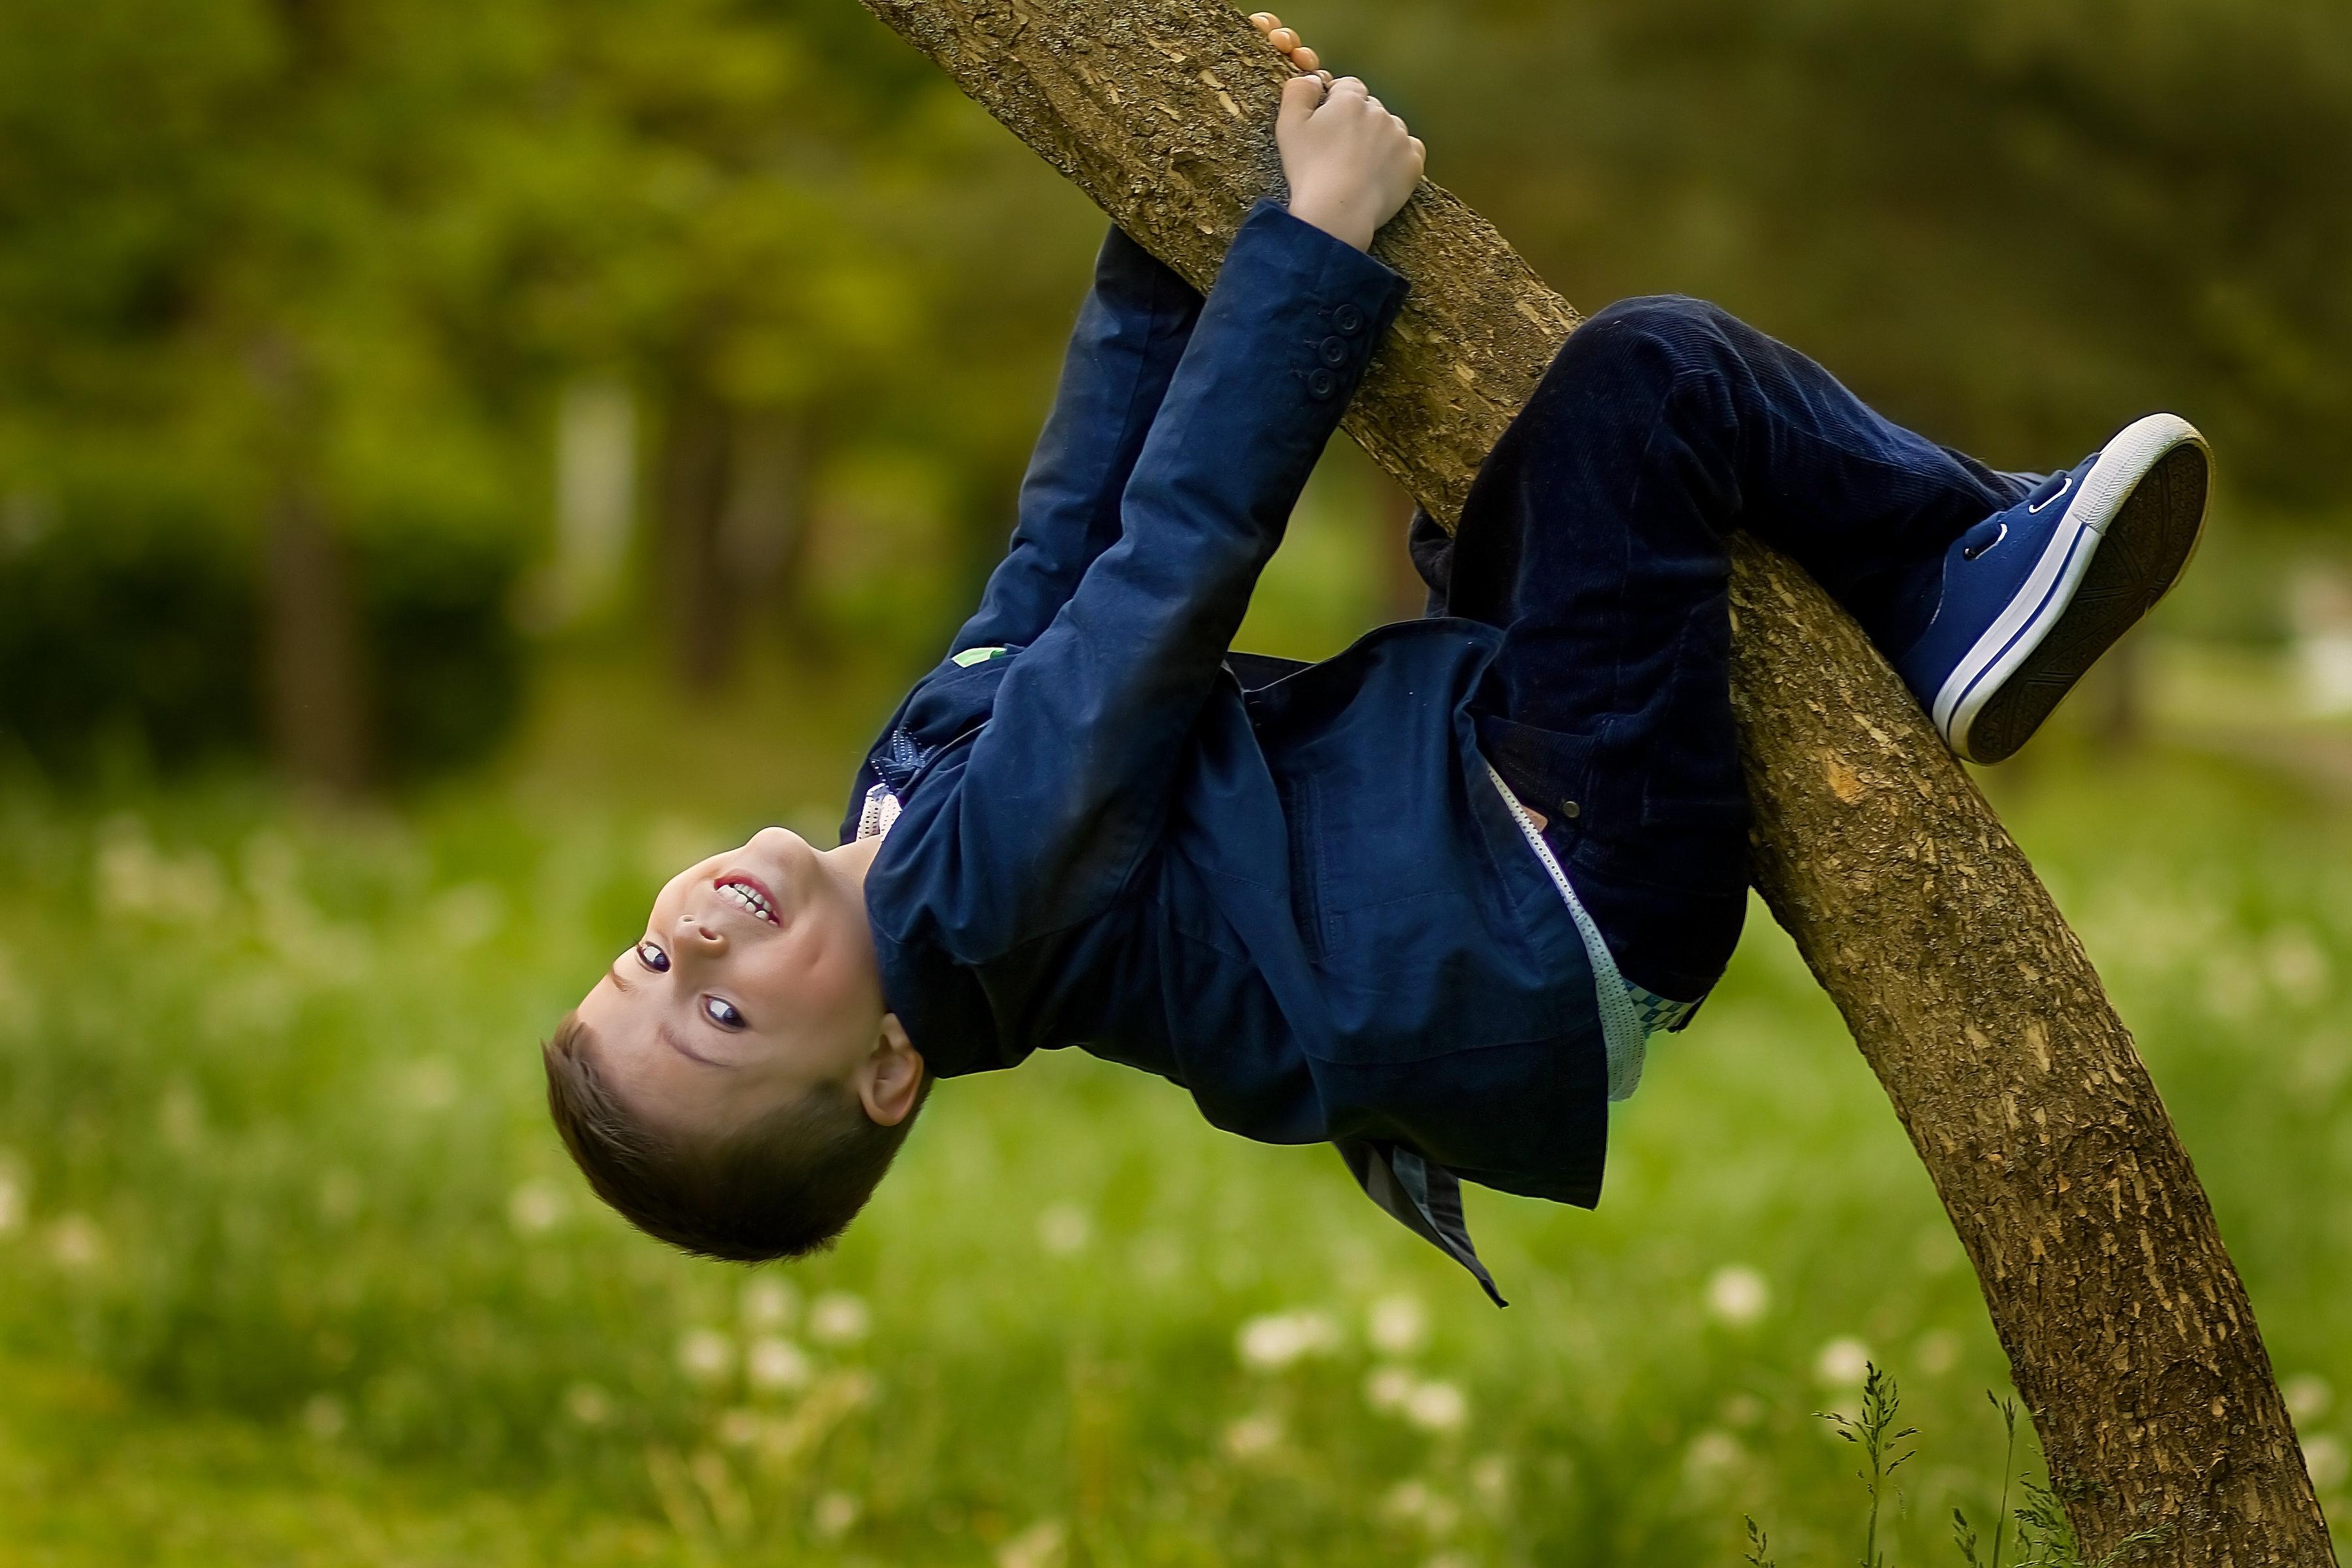 Детски фотосесии, фотограф